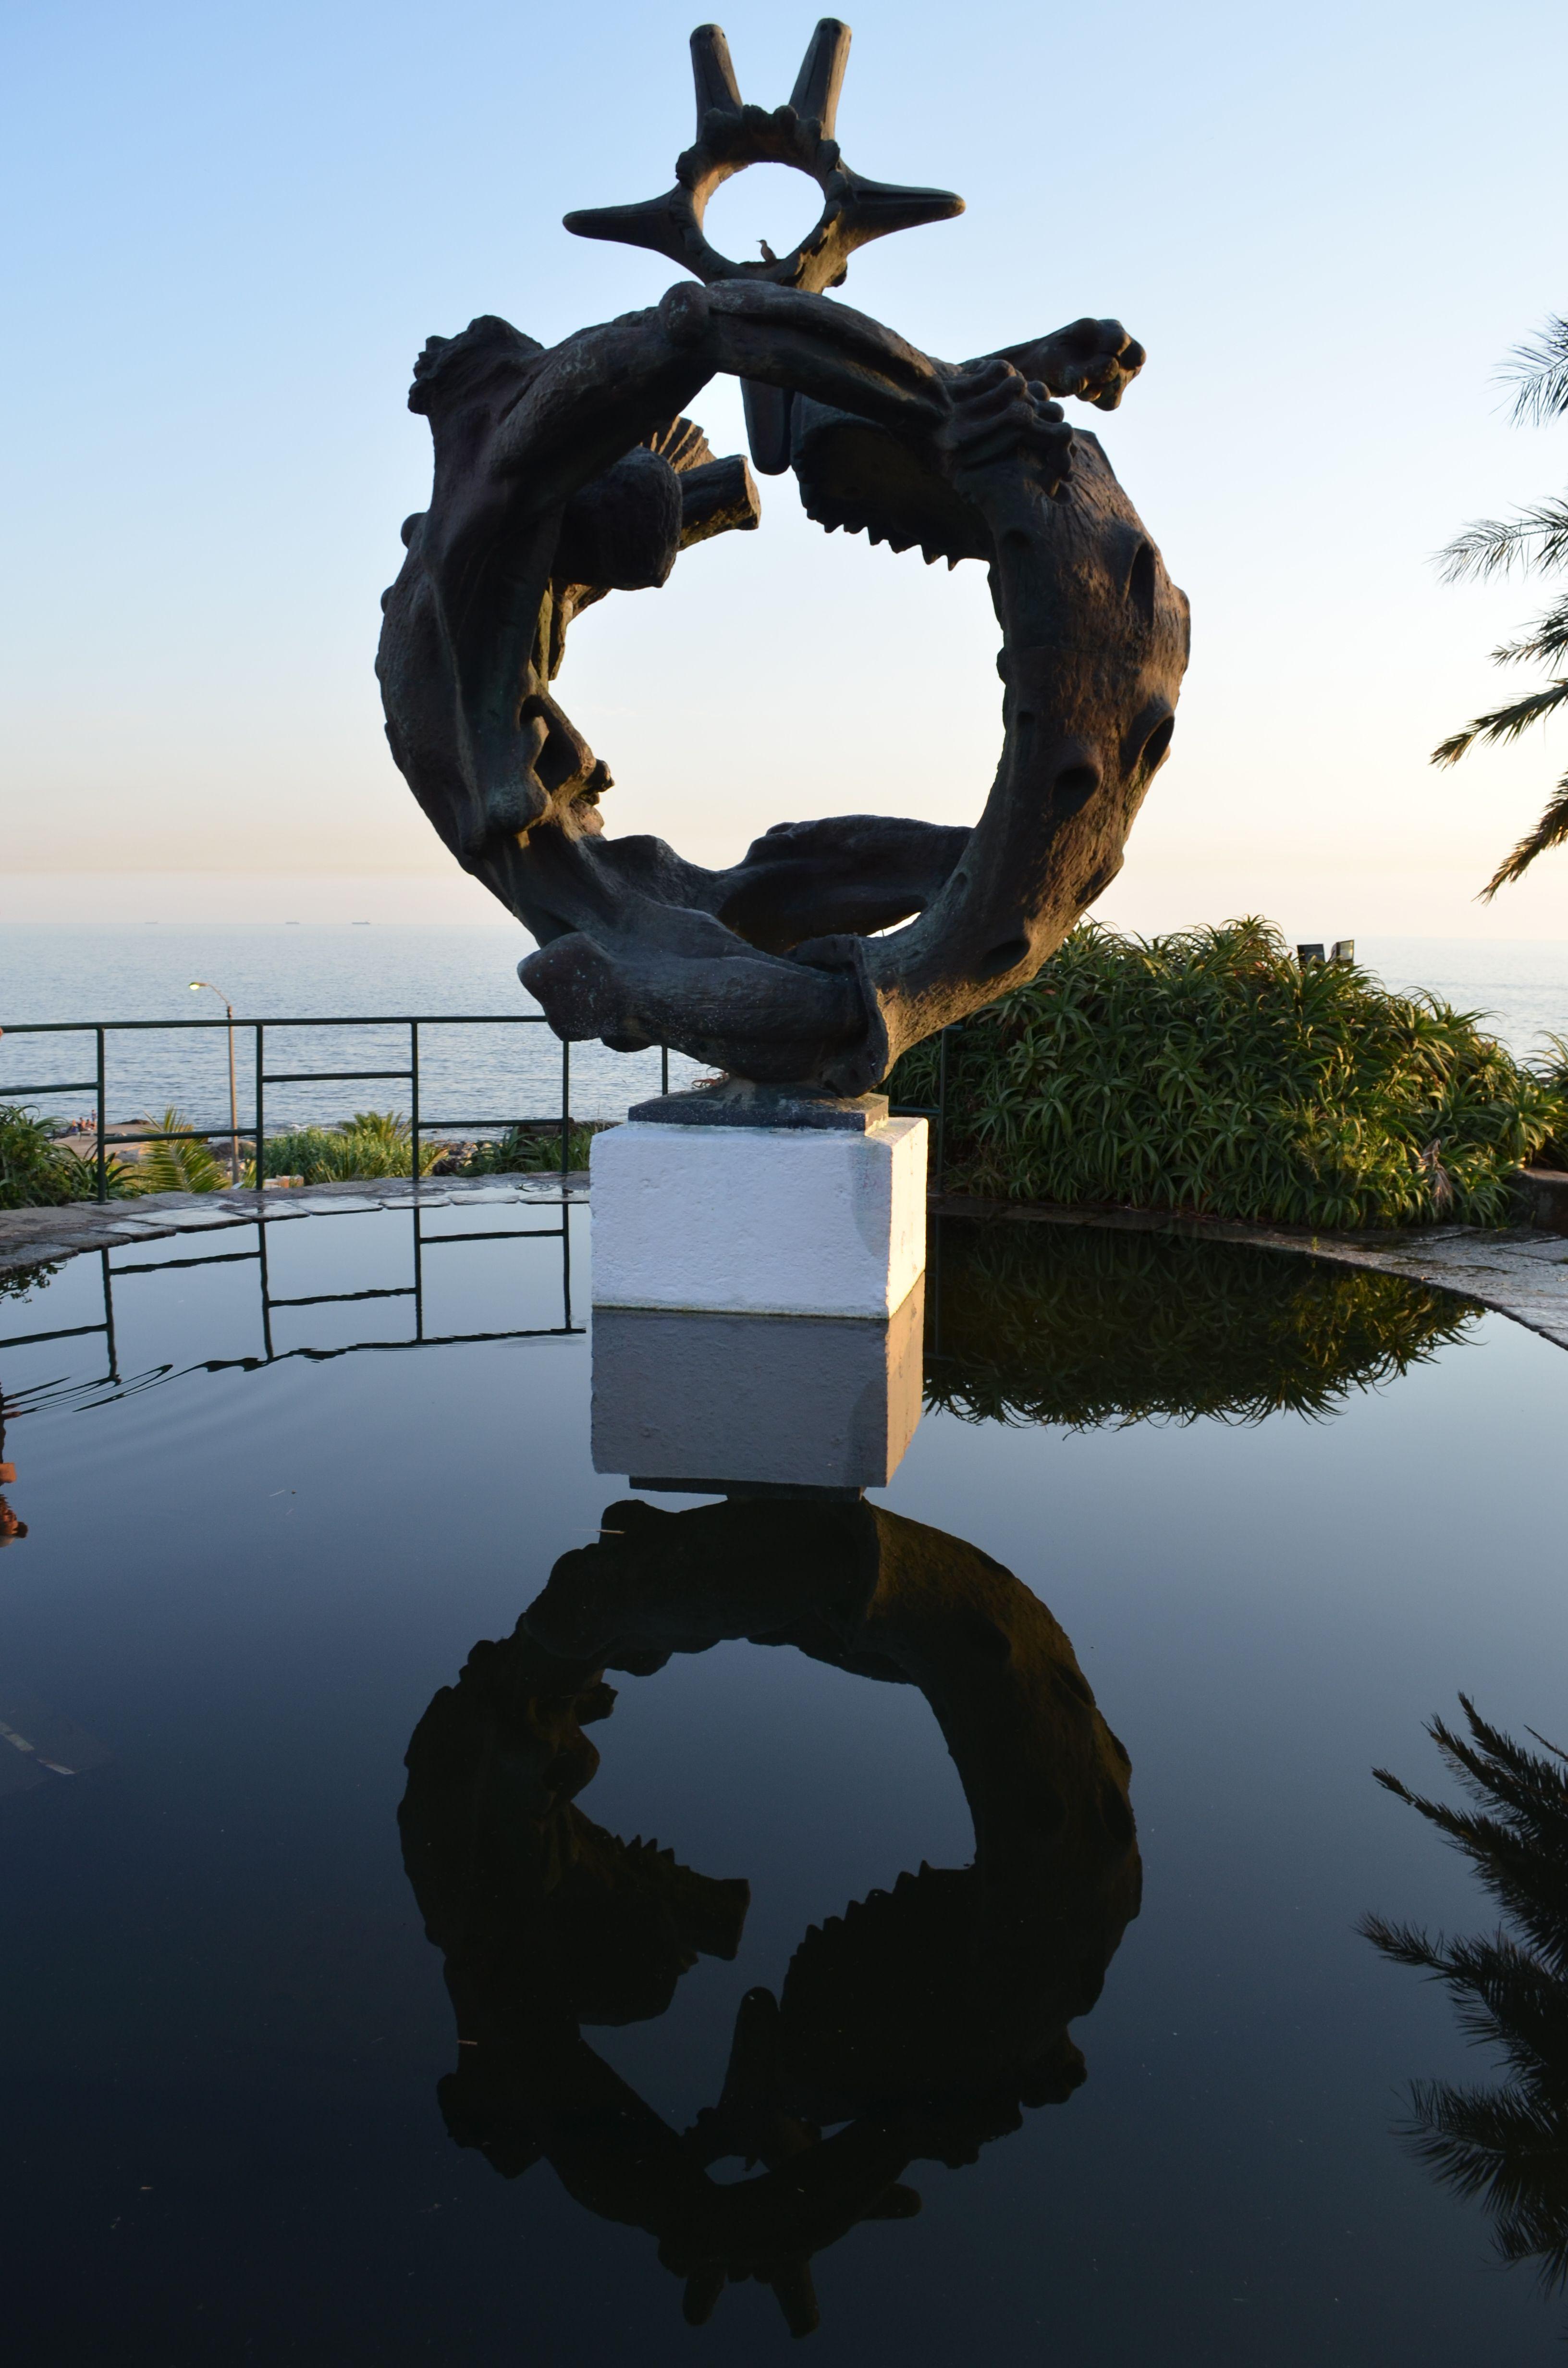 Uruguay | Montevideo | Escultura en la Plaza de la Armada